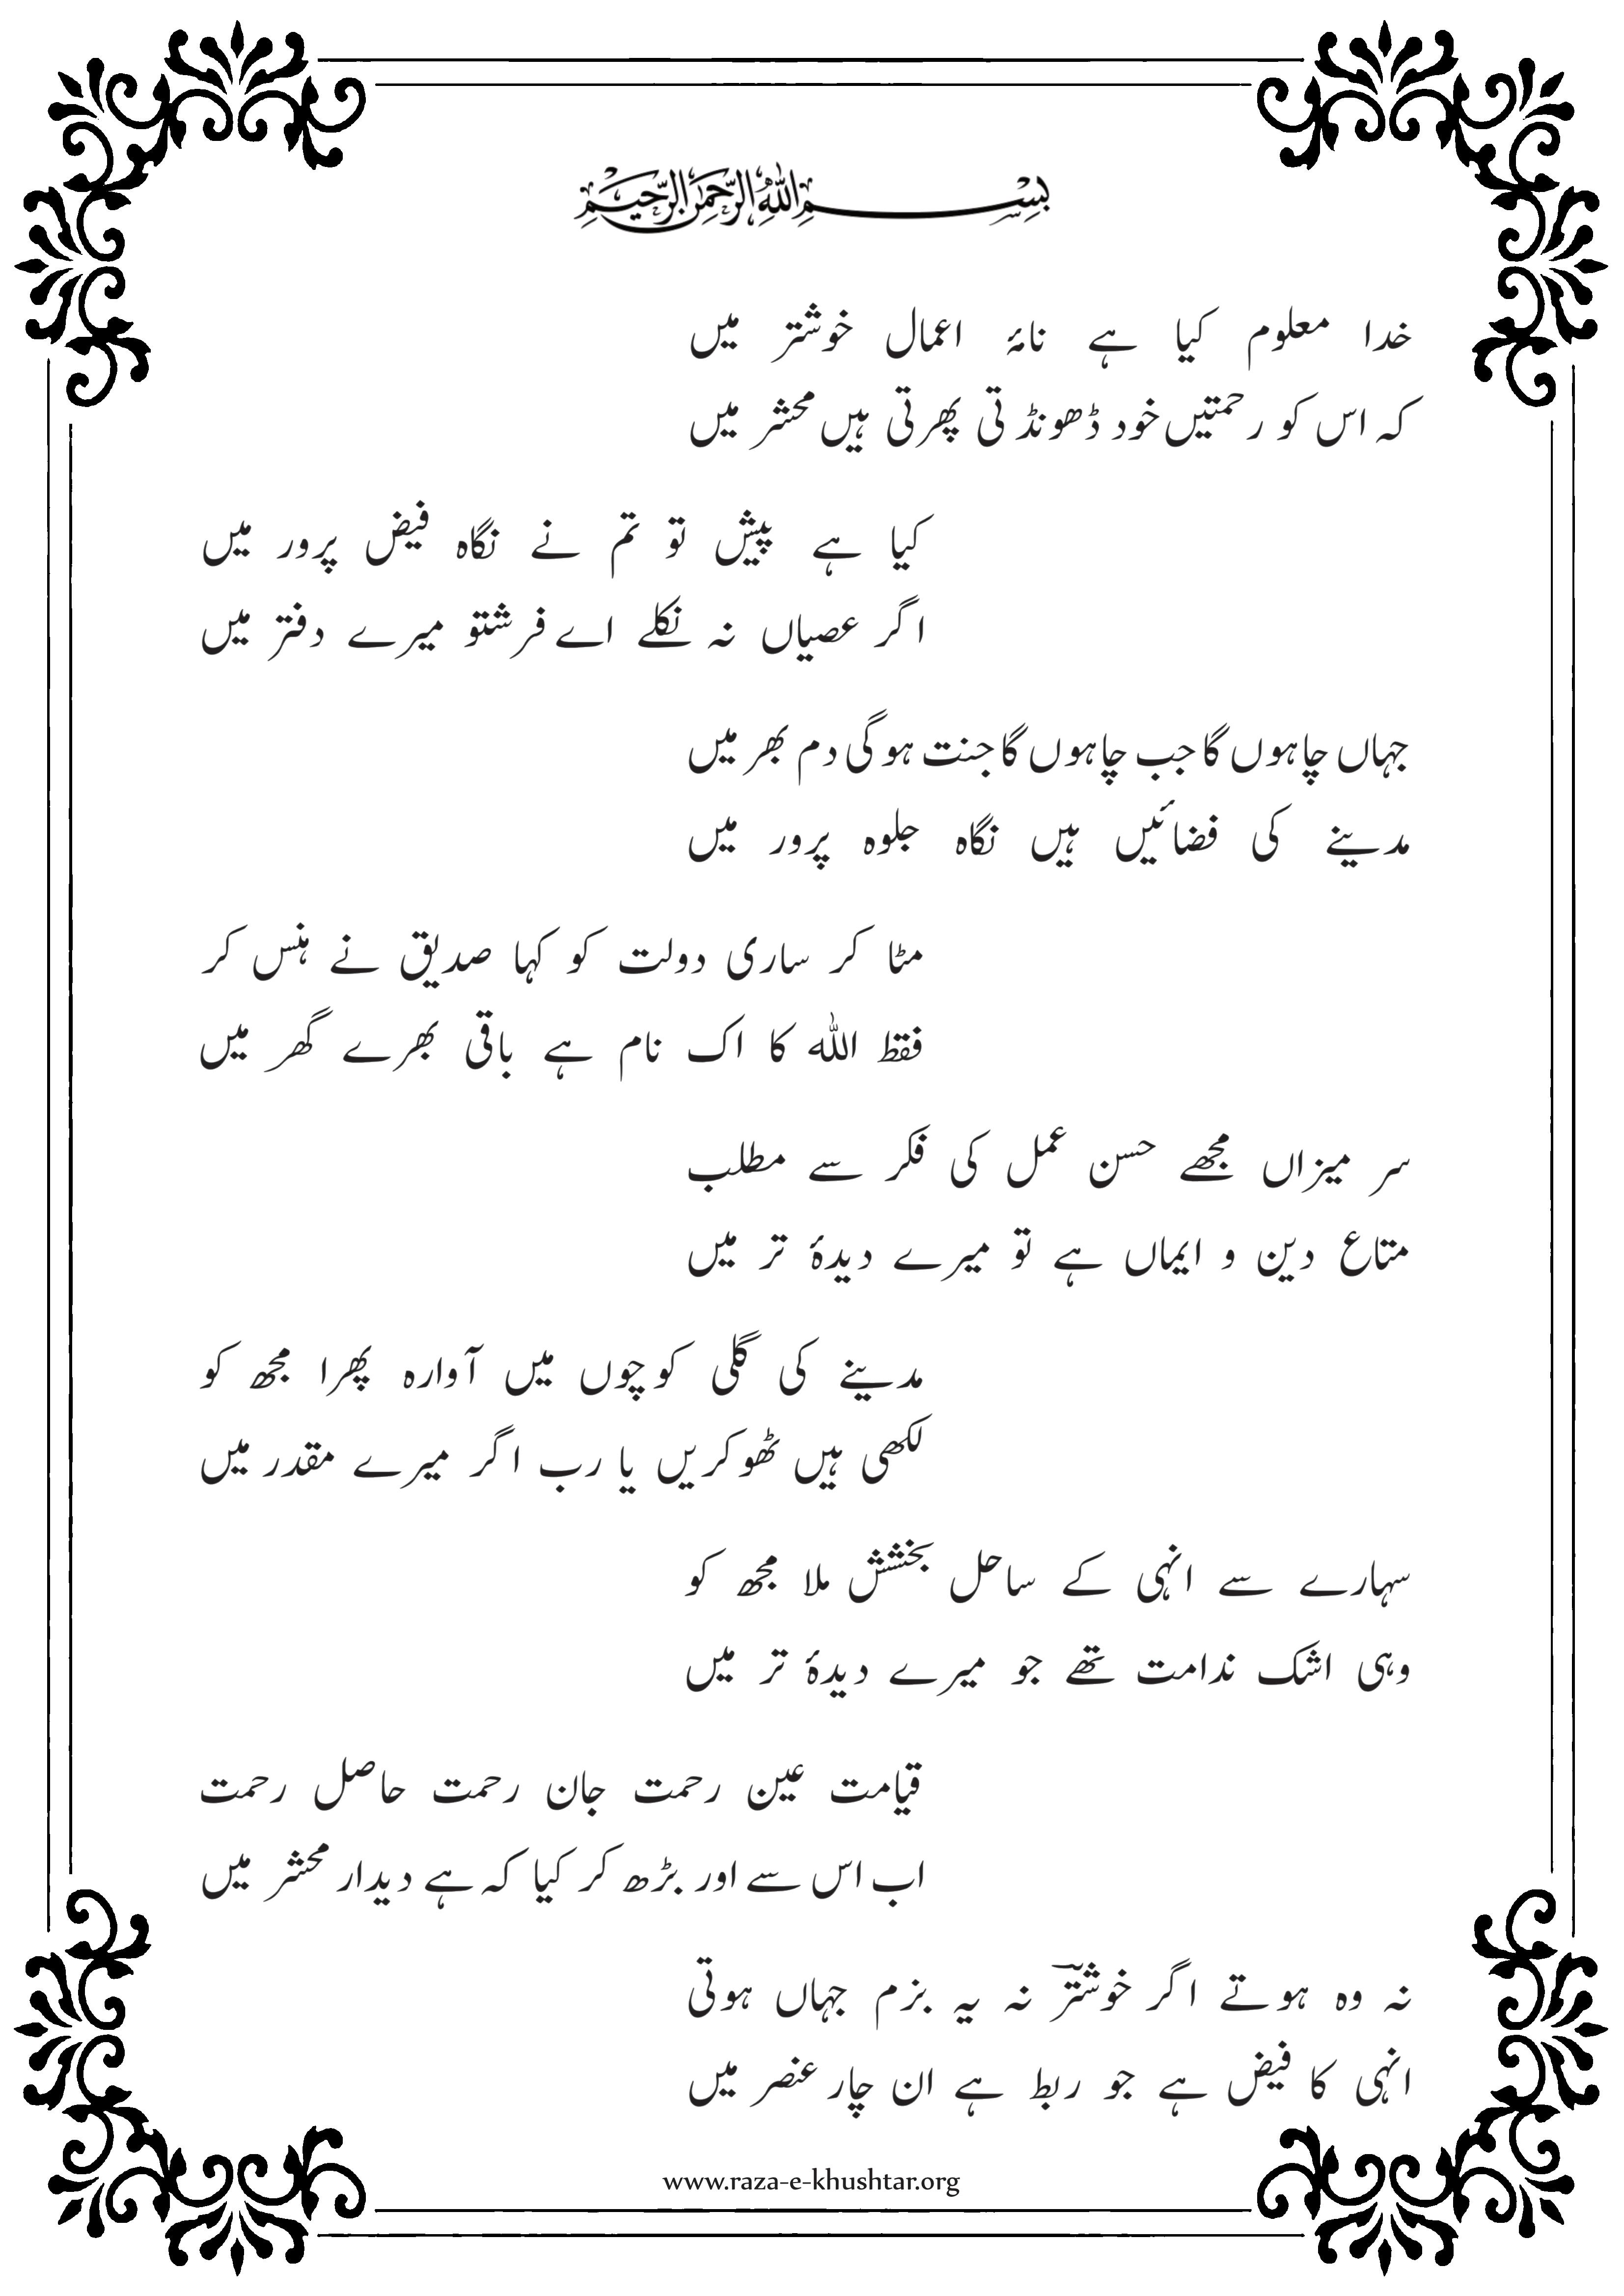 Raza-e-Khushtar